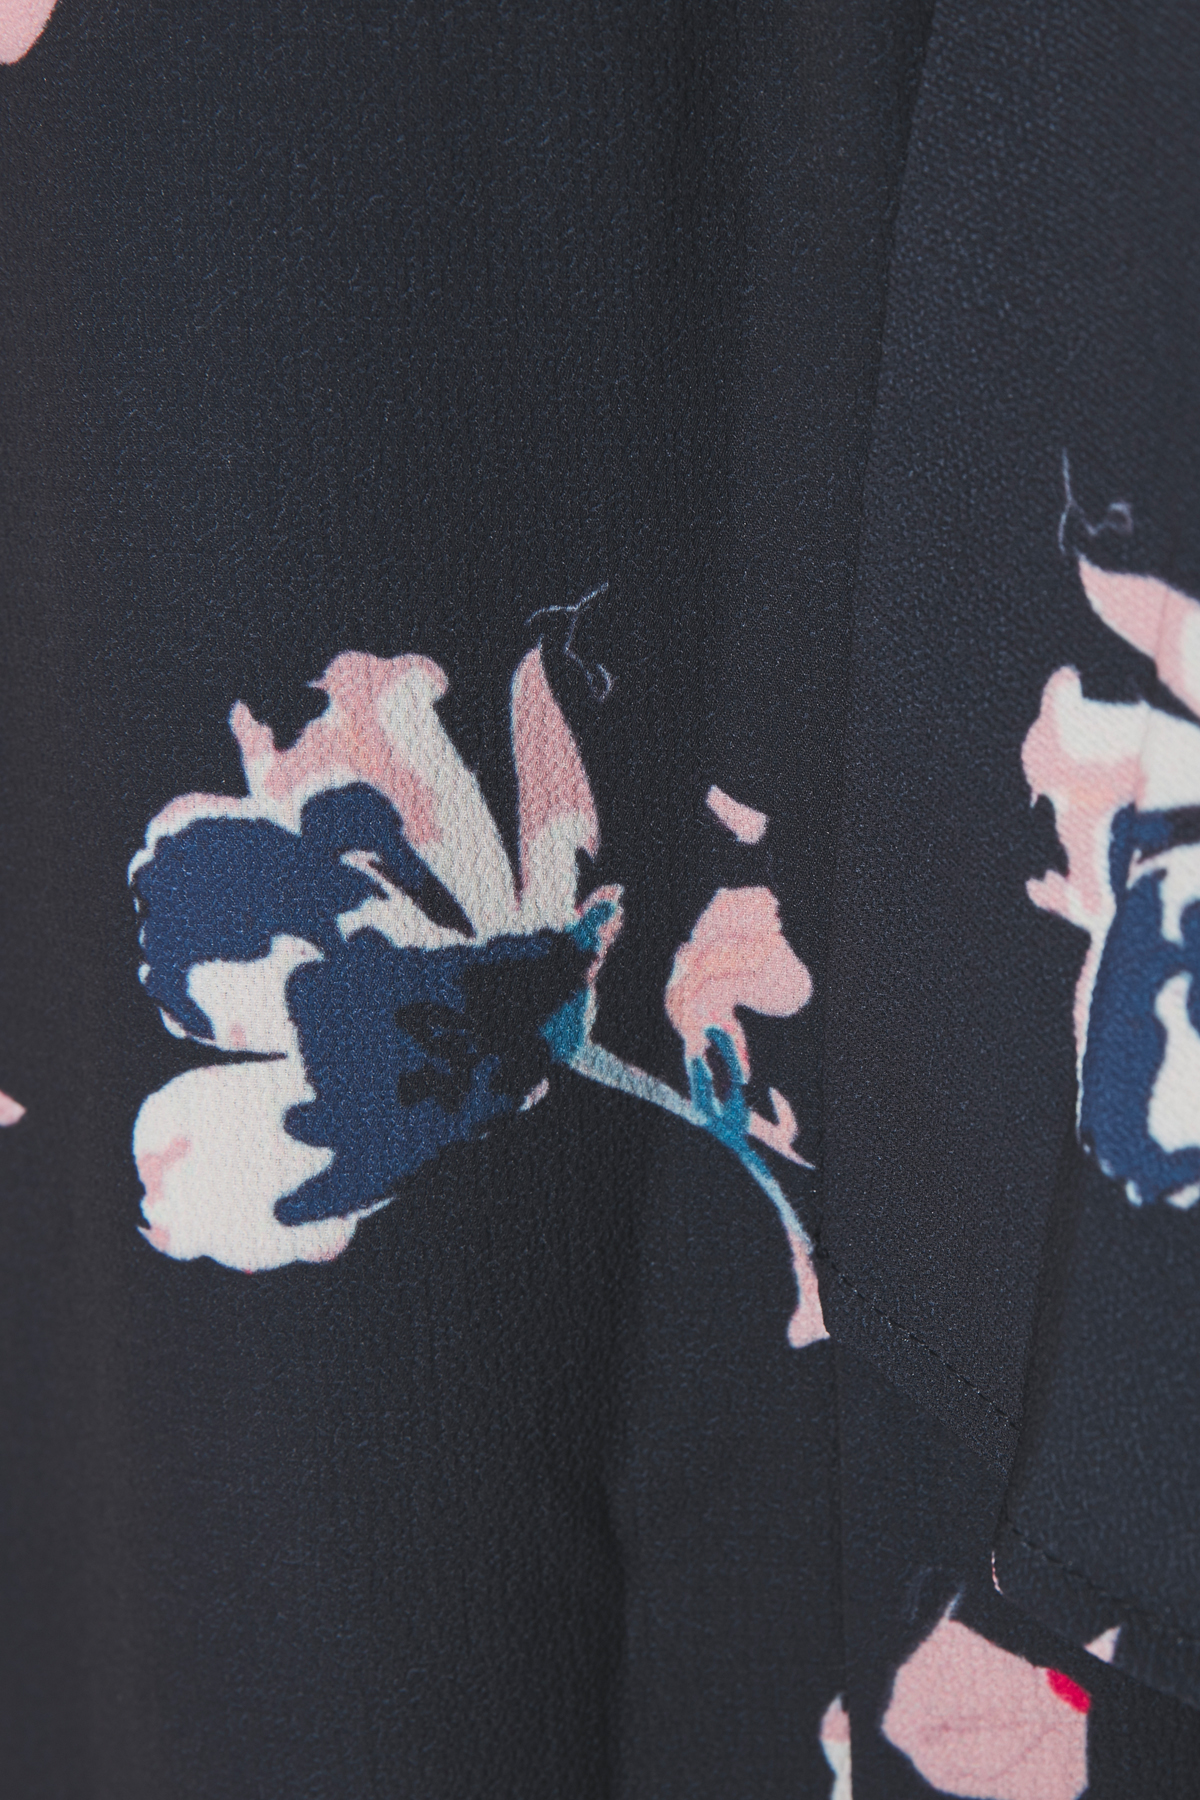 Marineblauw/roze Blouse met korte mouwen van Kaffe – Door Marineblauw/roze Blouse met korte mouwen van maat. 34-46 hier